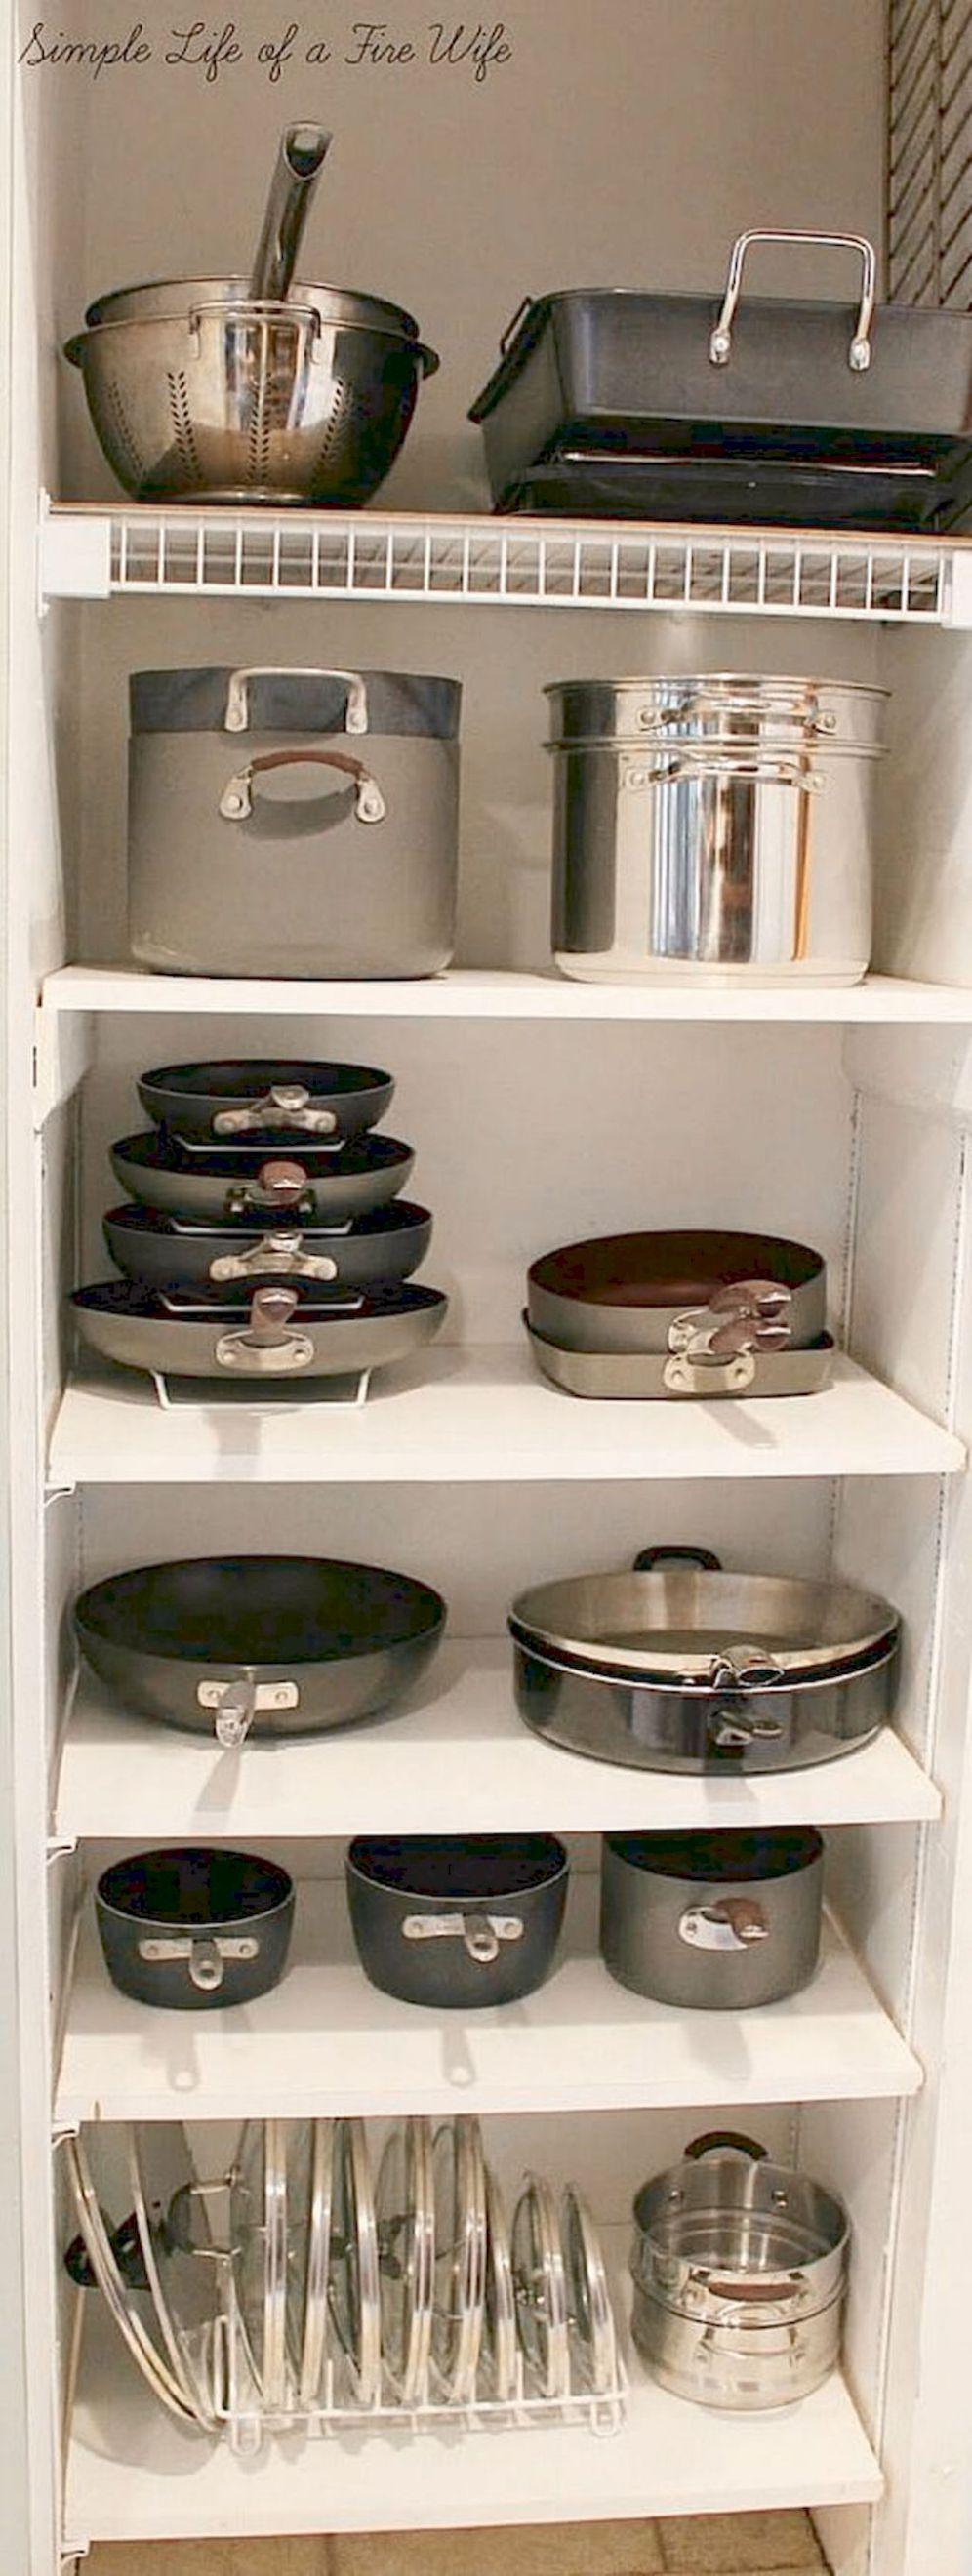 Küchenschrank ideen kleine küchen genius small kitchen remodel ideas   kitchen saving ideas